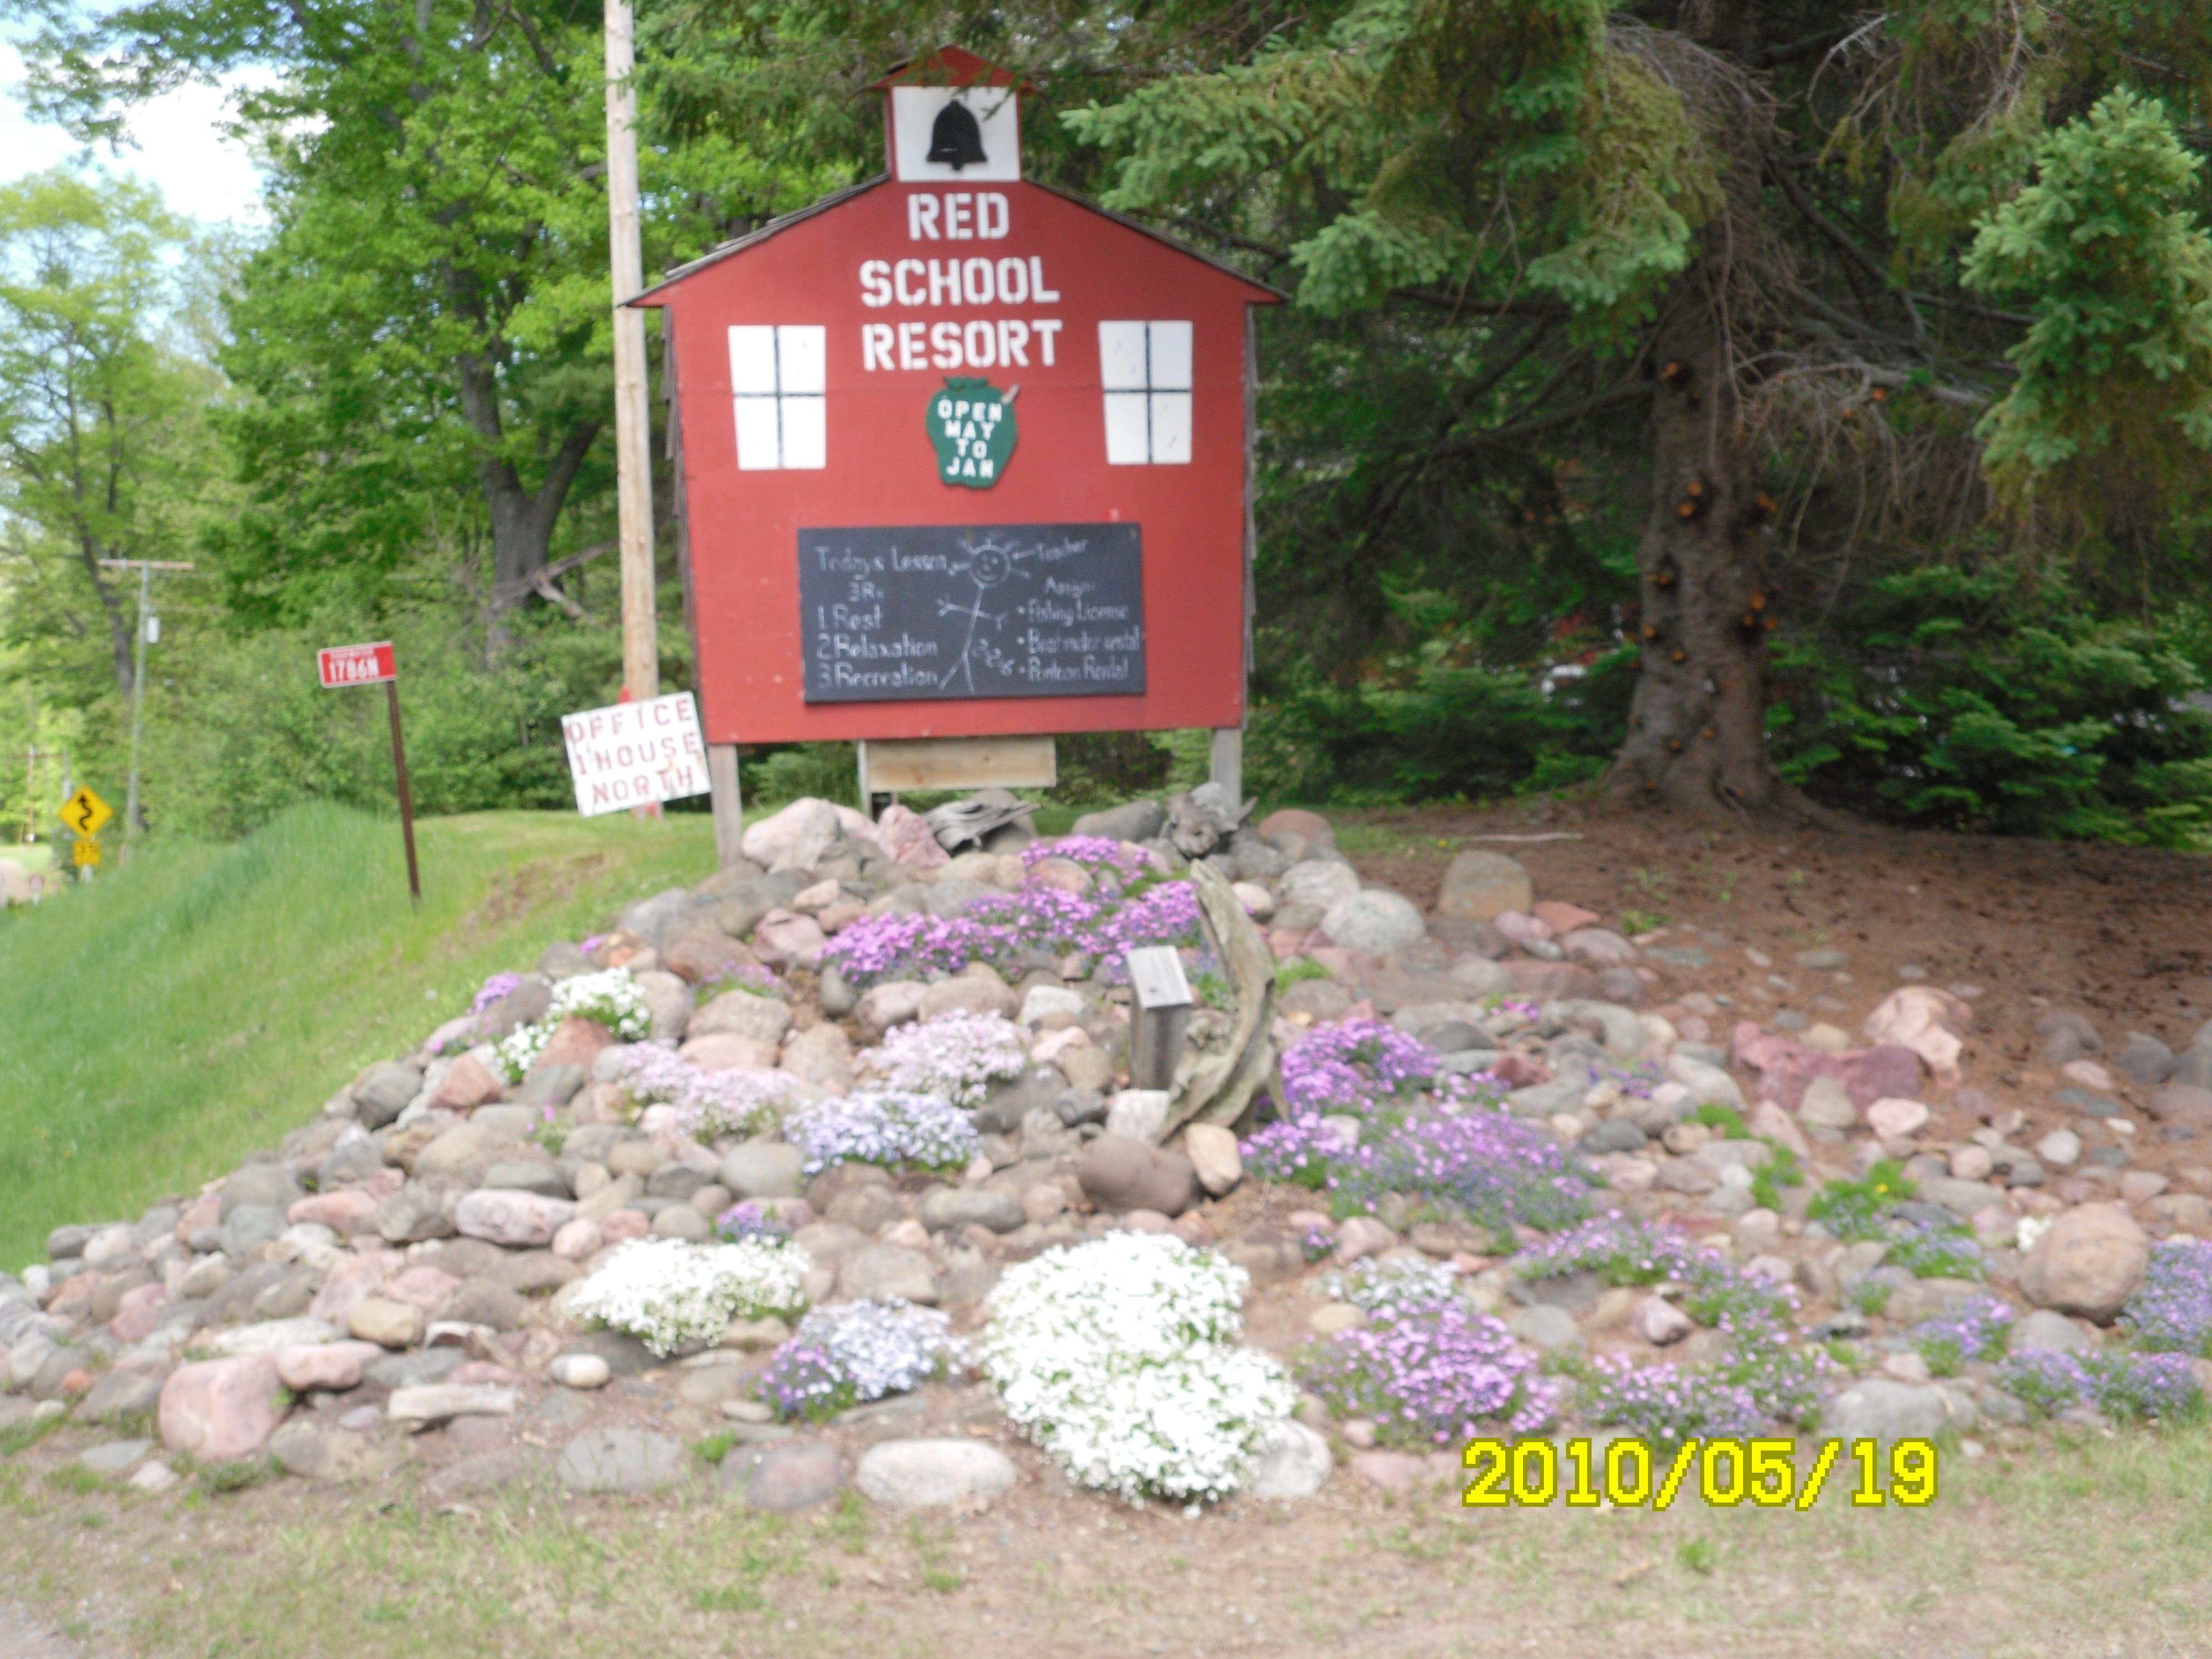 Red School Resort School sign.